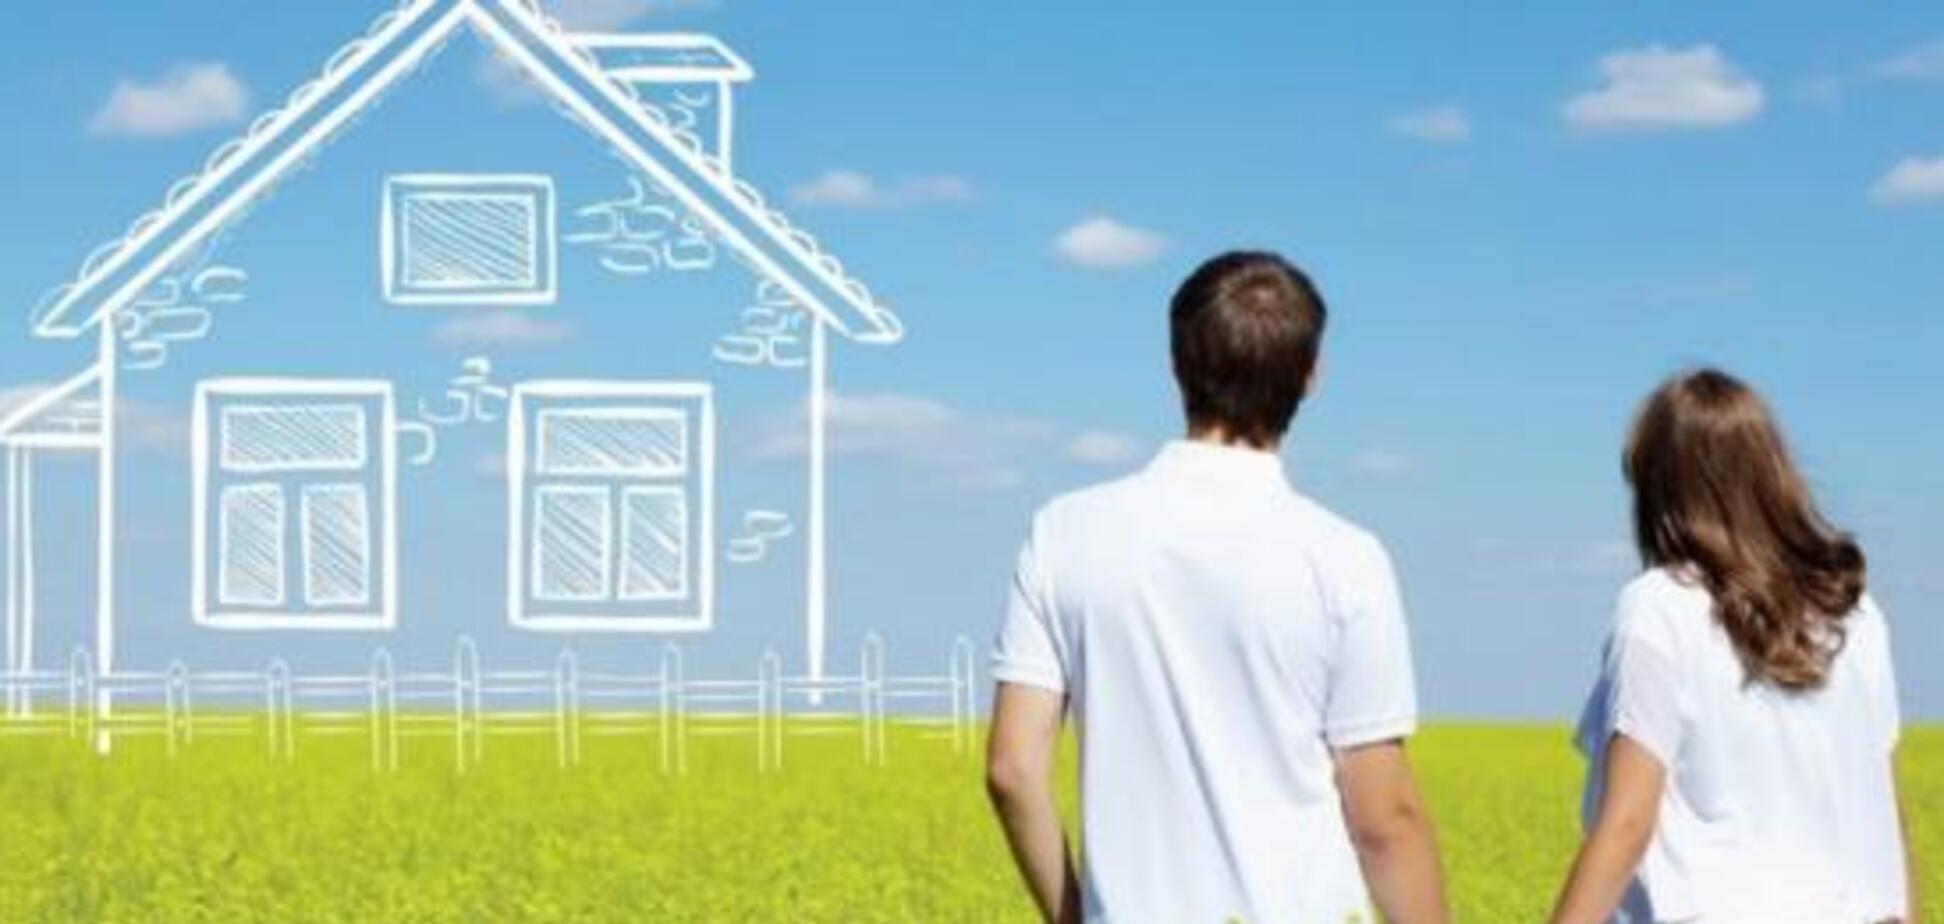 Заплати, а потом смотри: как в Днепре 'разводят' желающих арендовать жилье